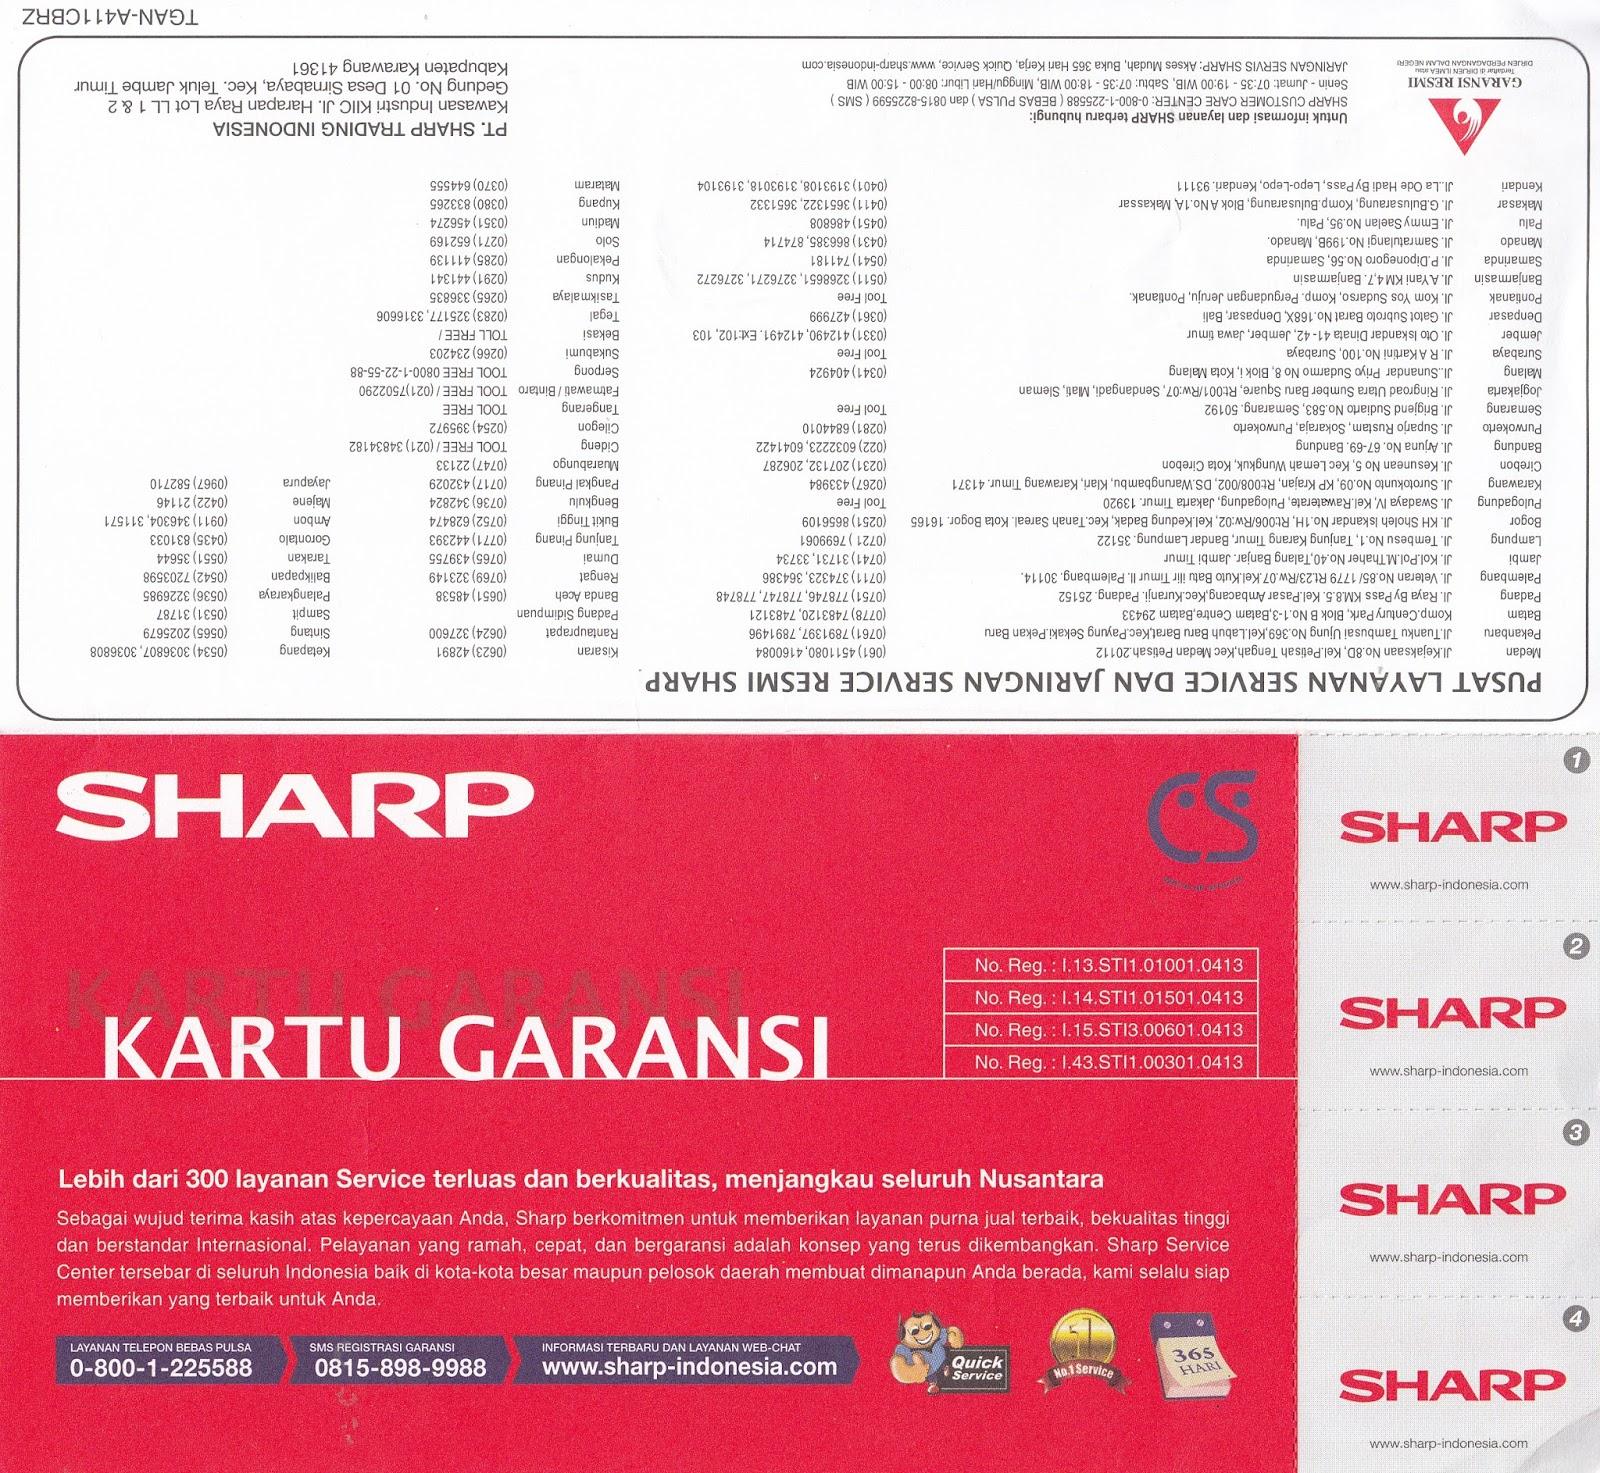 Pengalaman Membeli Ac Sharp Ah A5sey Mambo Djumbo 1 Pk A9sey Gratis Biaya Pengiriman Kartu Garansi